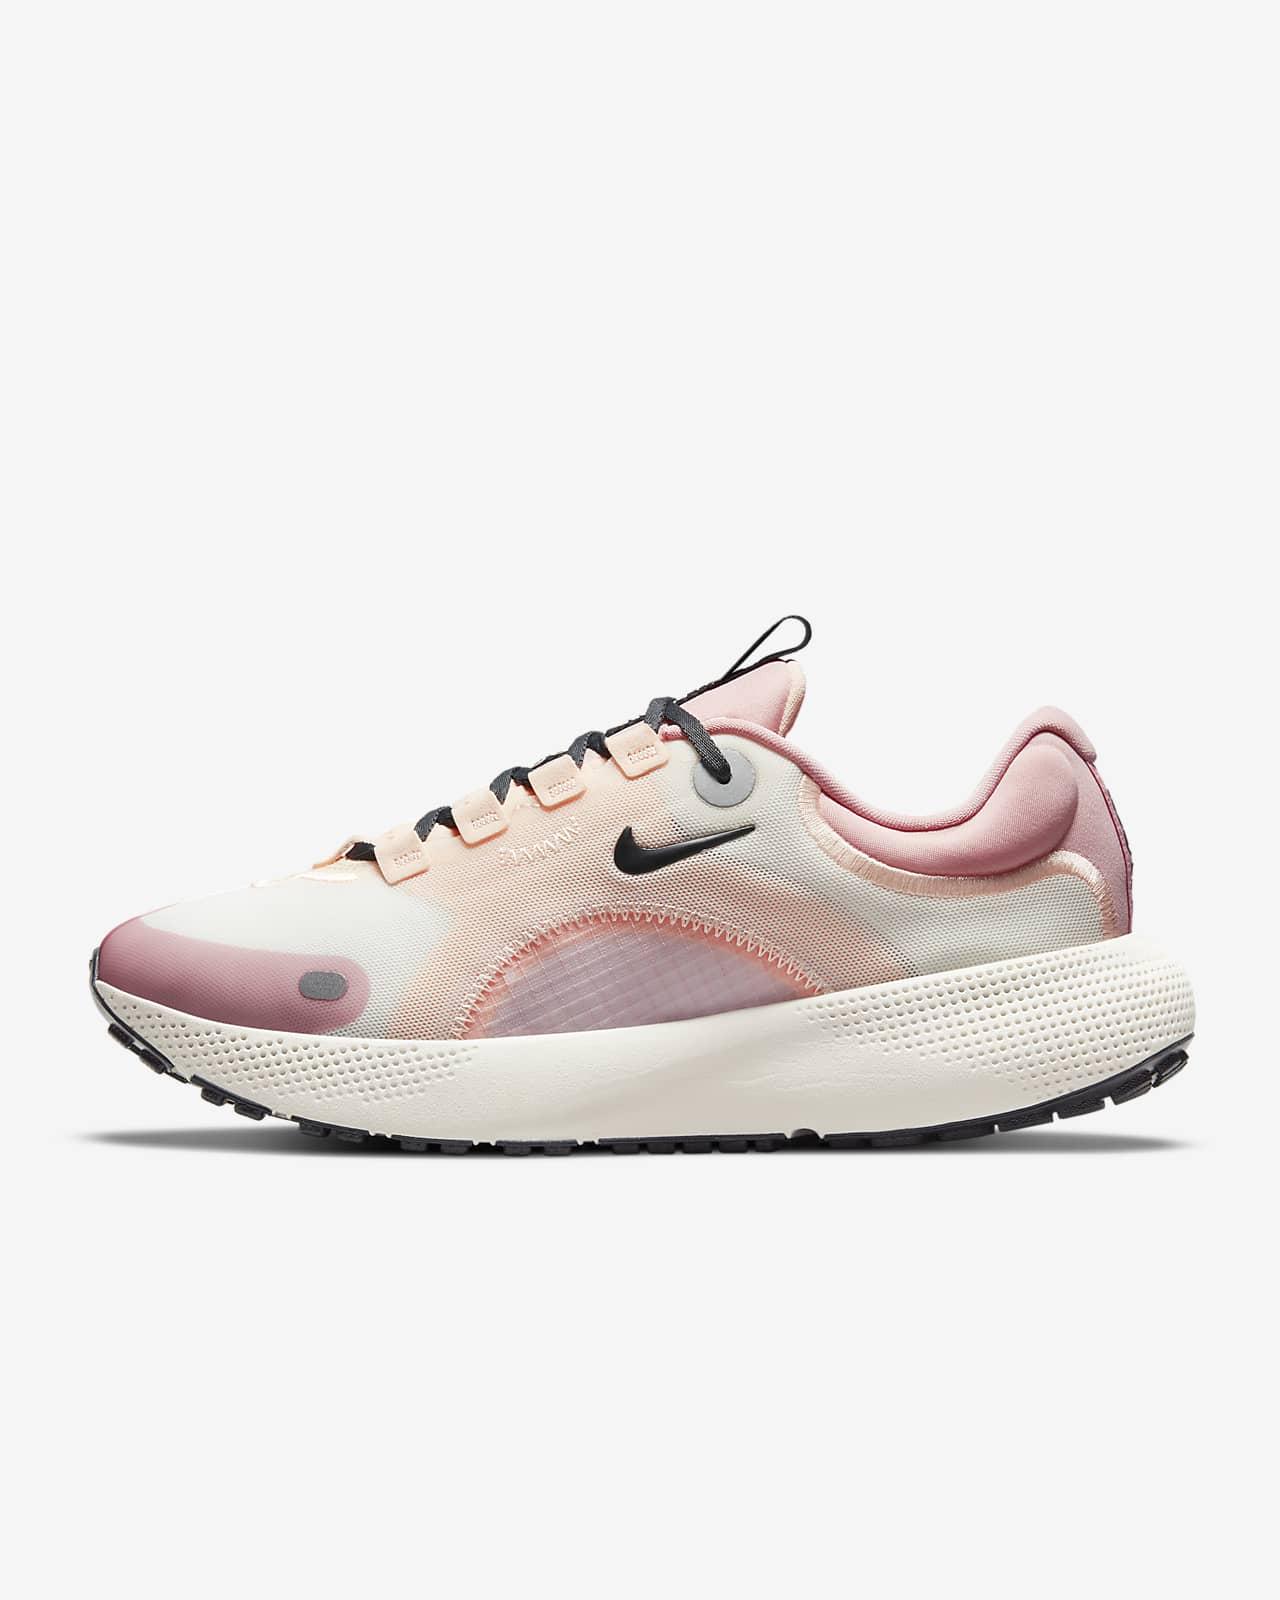 Chaussure de running Nike React Escape Run pour Femme